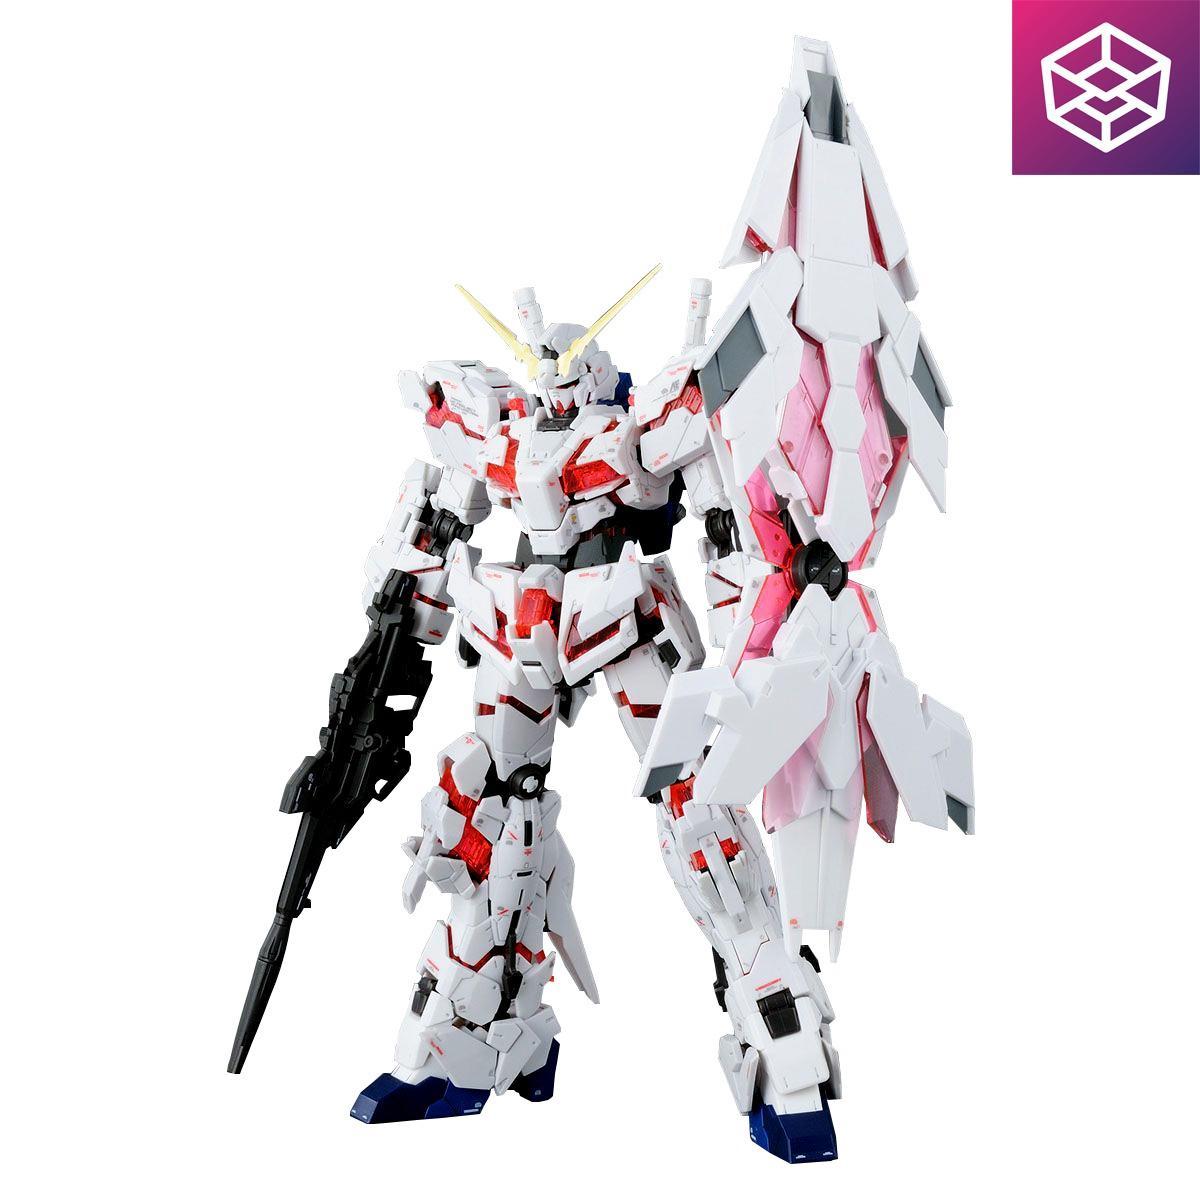 Hình ảnh Mô Hình Lắp Ráp Gundam Bandai RG 25 Unicorn Gundam (Bande Dessinee Ver) [Bandai-RG]